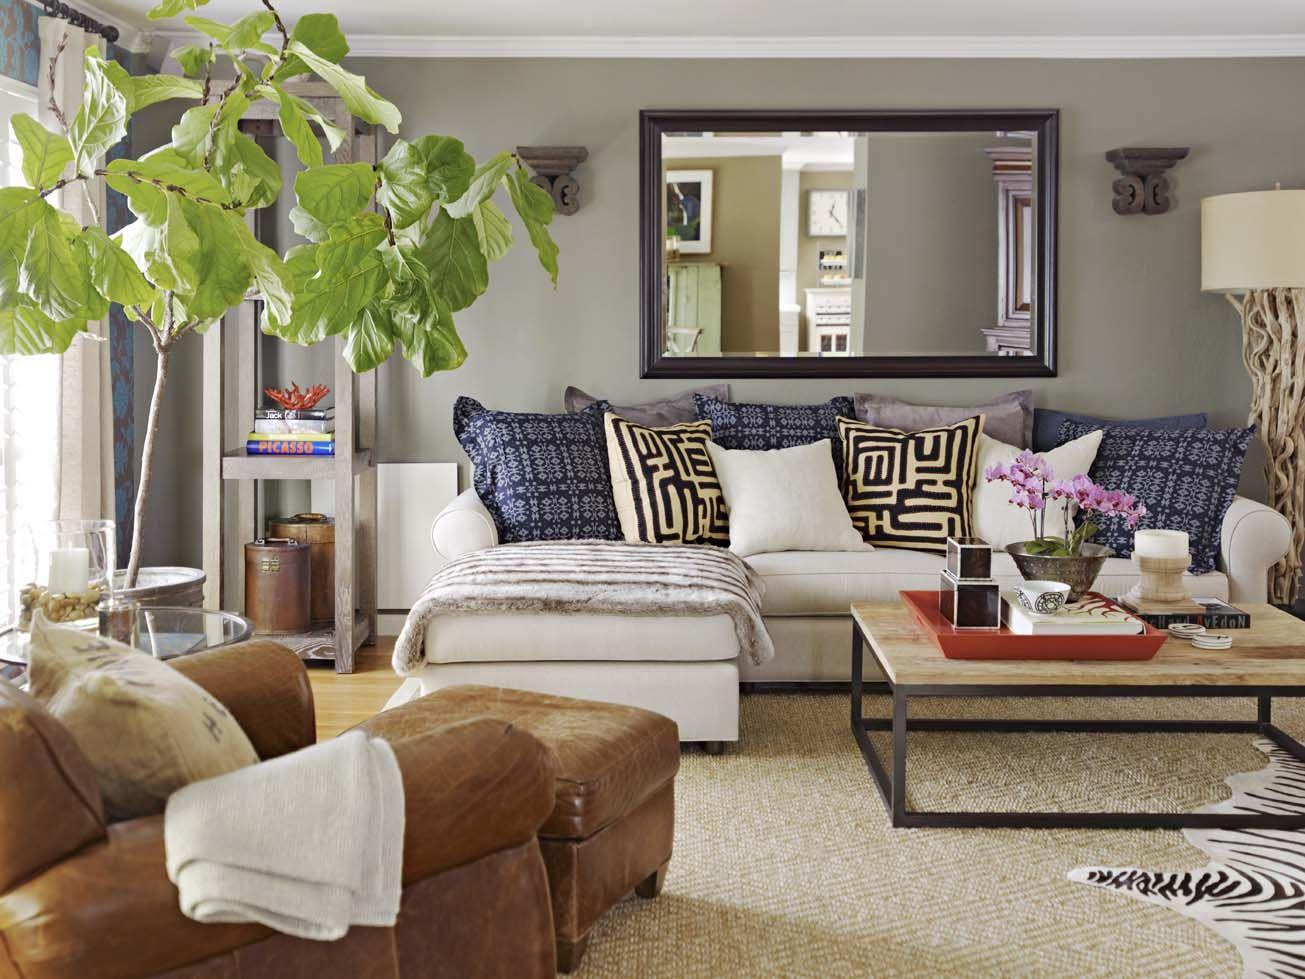 Schn Wohnzimmer Streichen Welche Farbe Innen Wohnzimmer | kleines ...